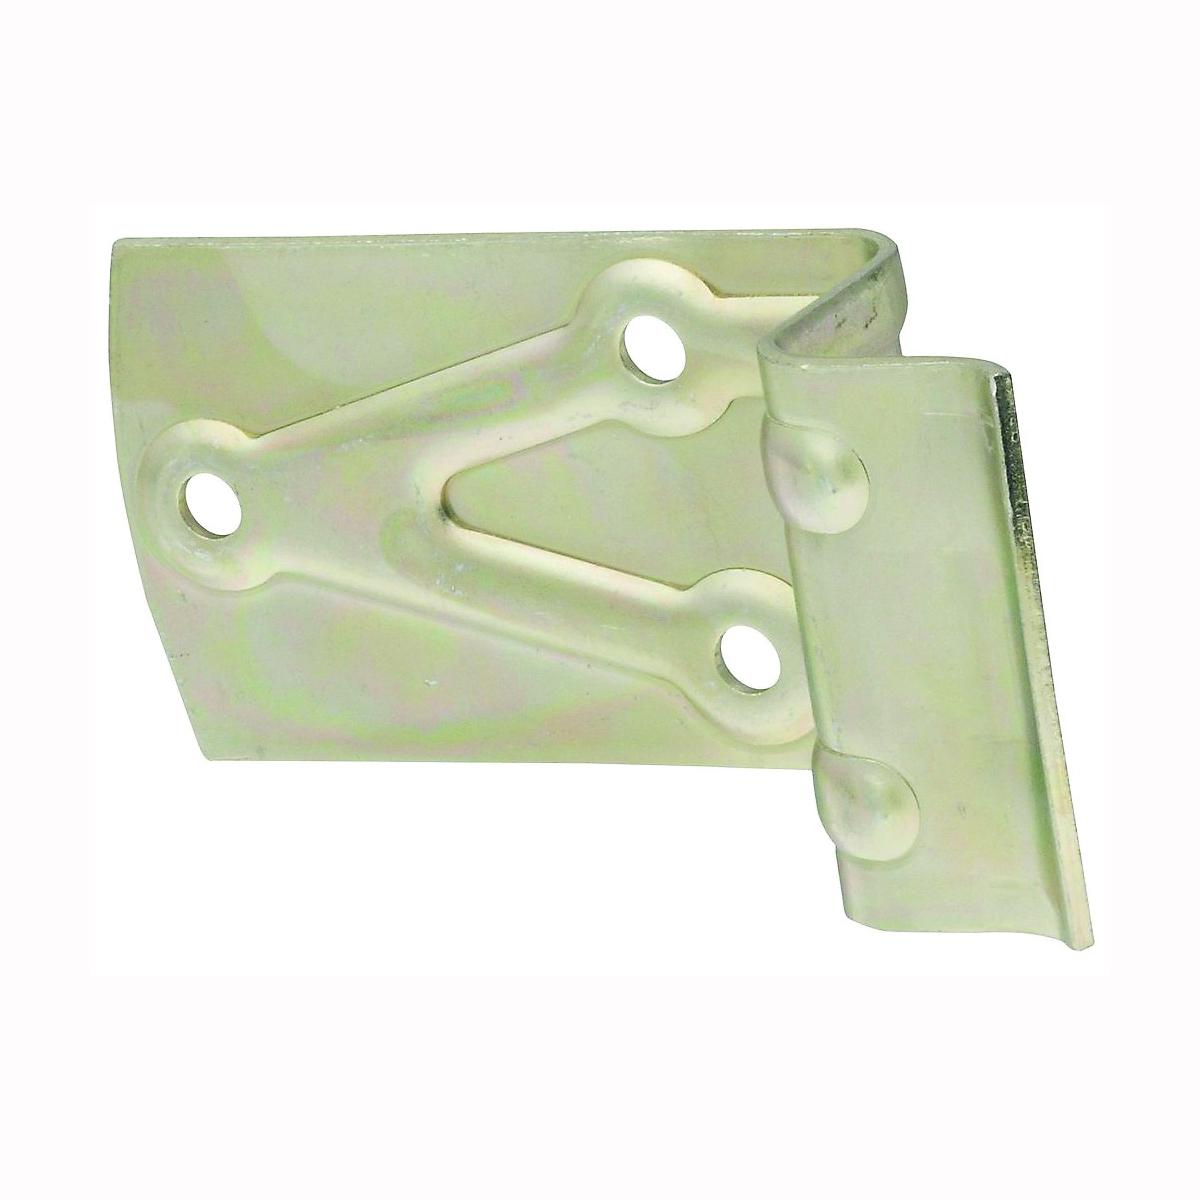 Picture of National Hardware N100-834 Door Bumper, Steel, Zinc